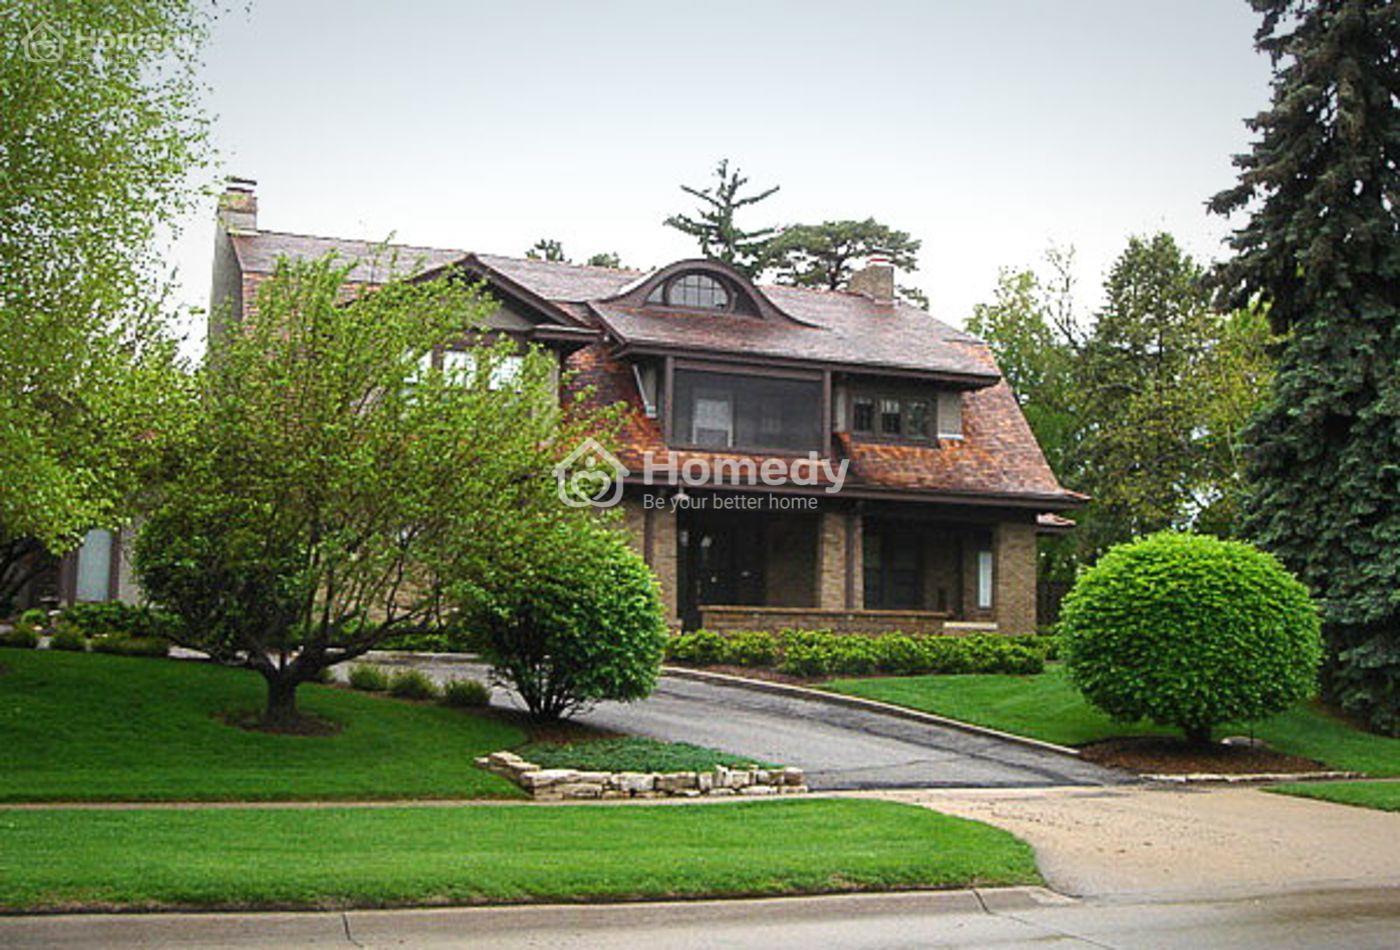 Người khôn bỏ ra bao nhiêu tiền để mua nhà?